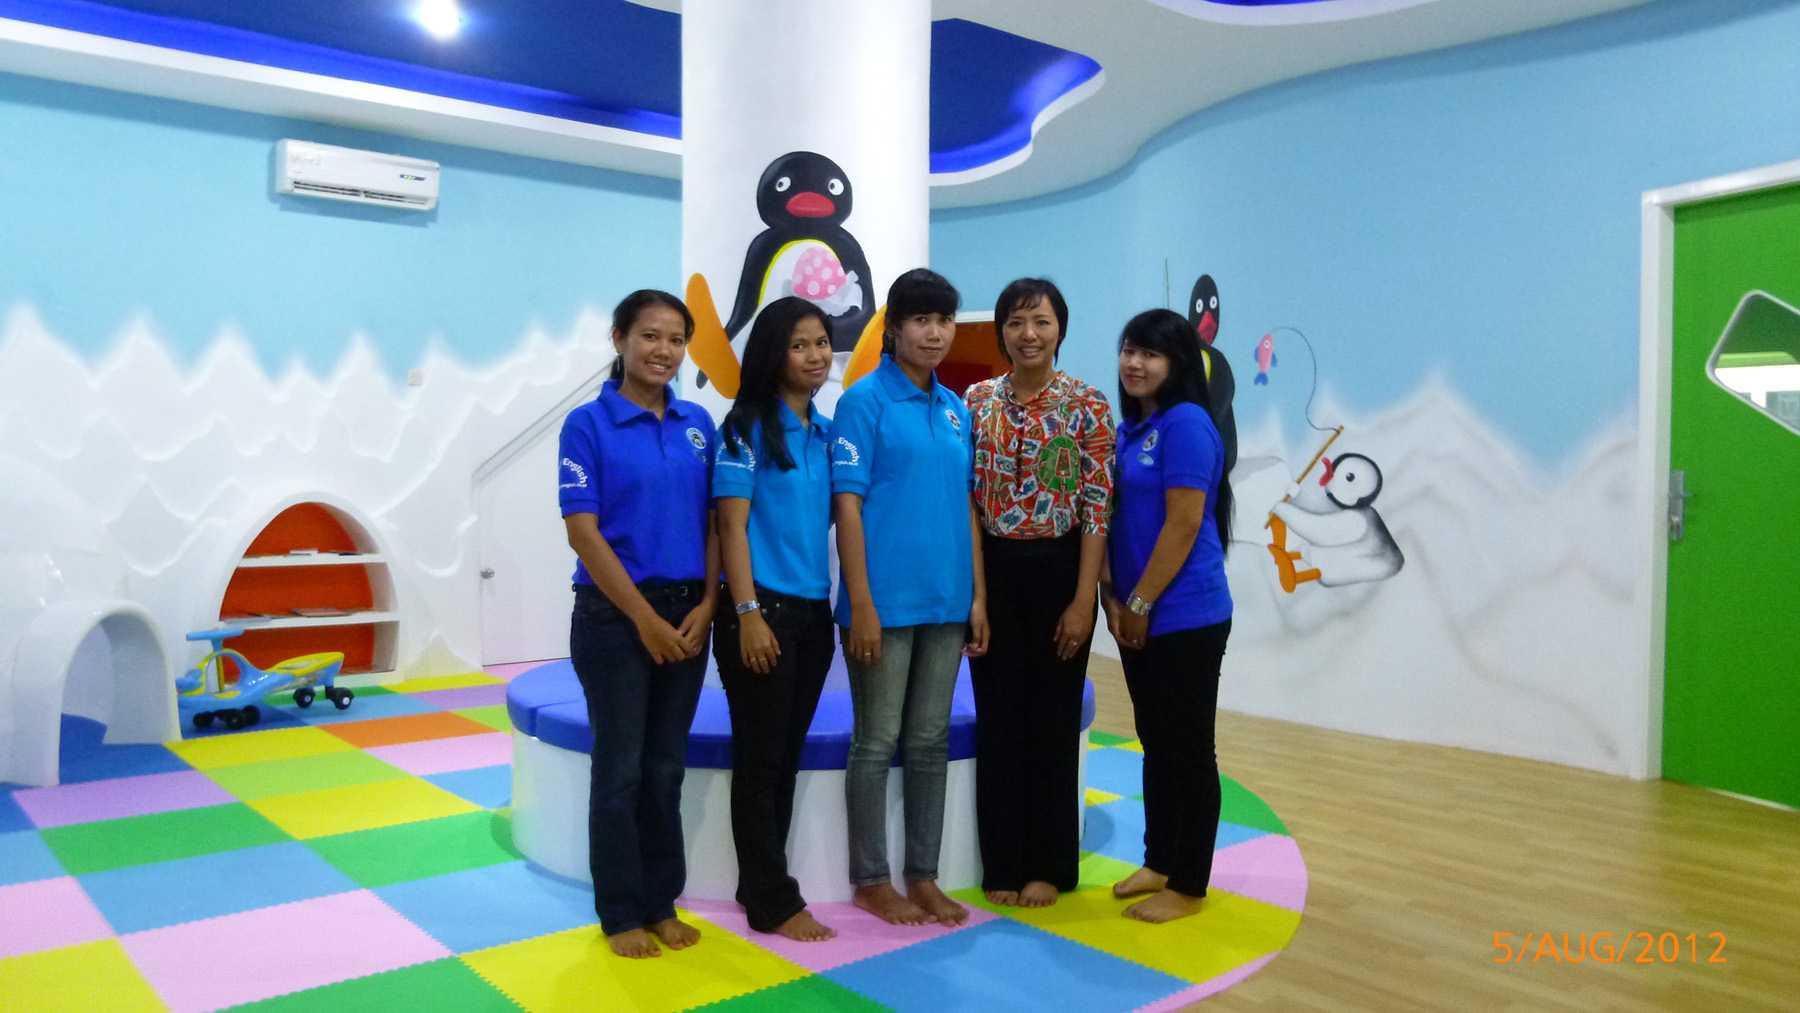 Pingus_English_Lampang1